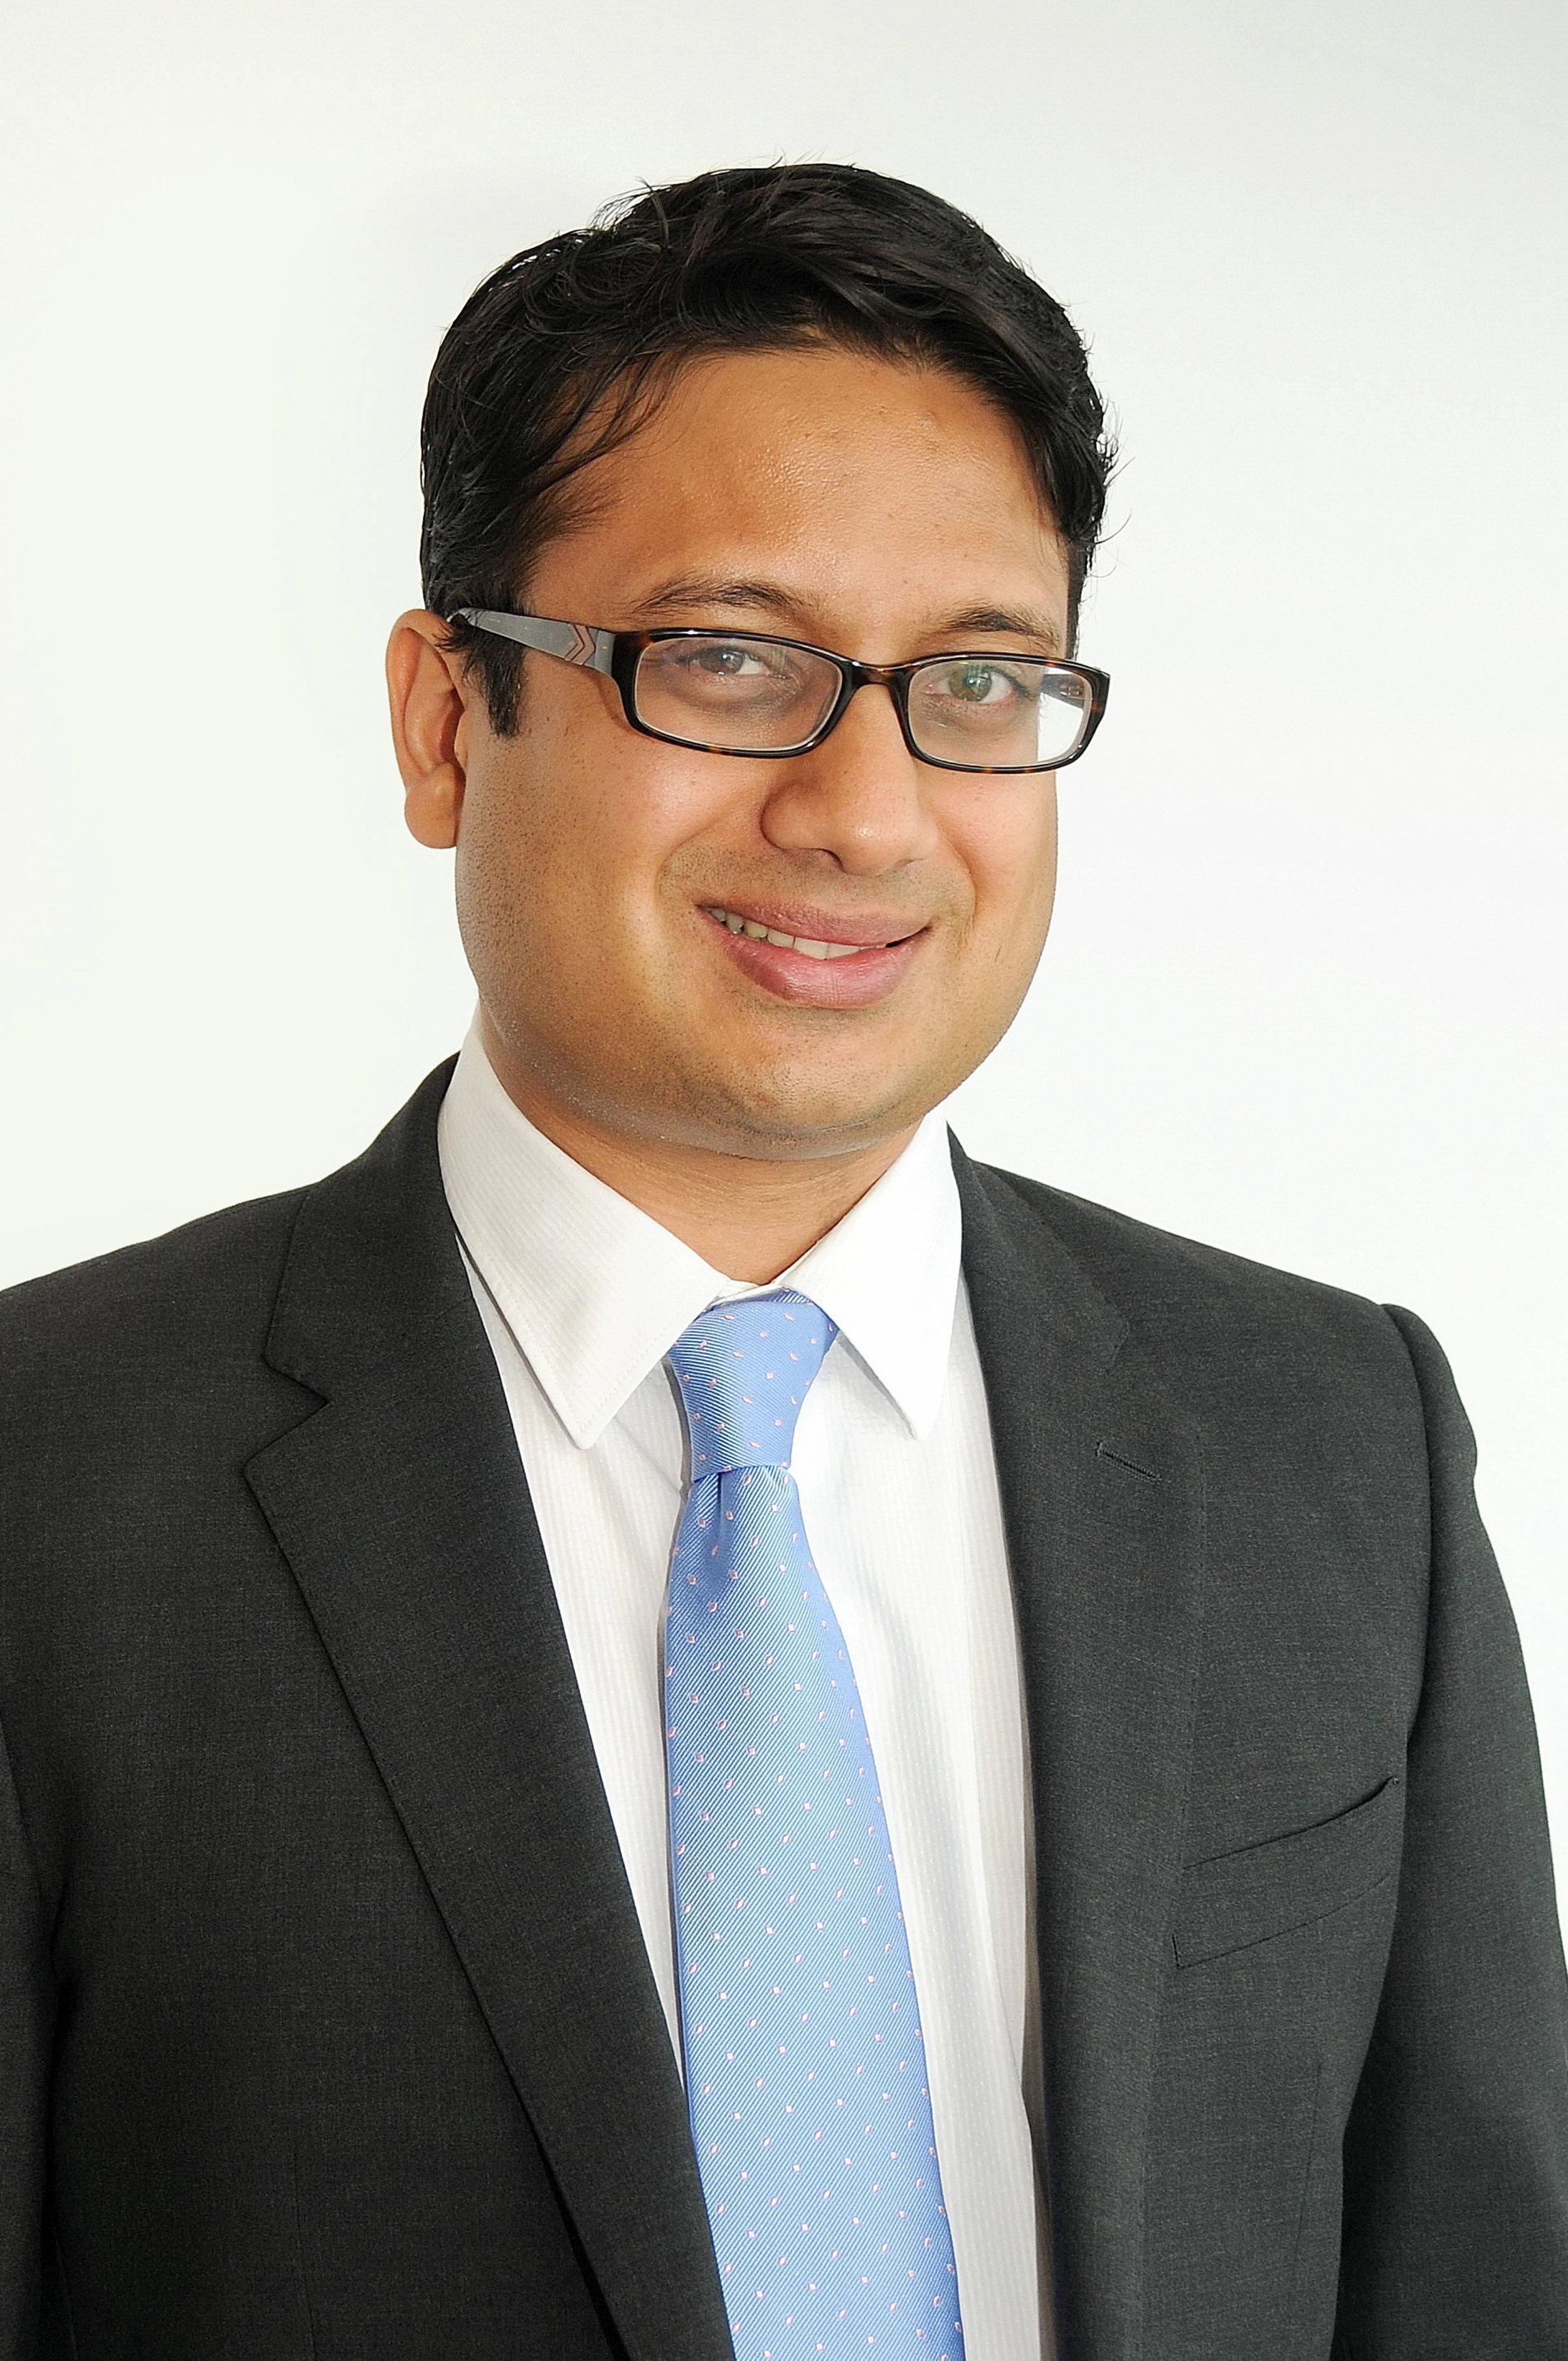 Manu Gupta